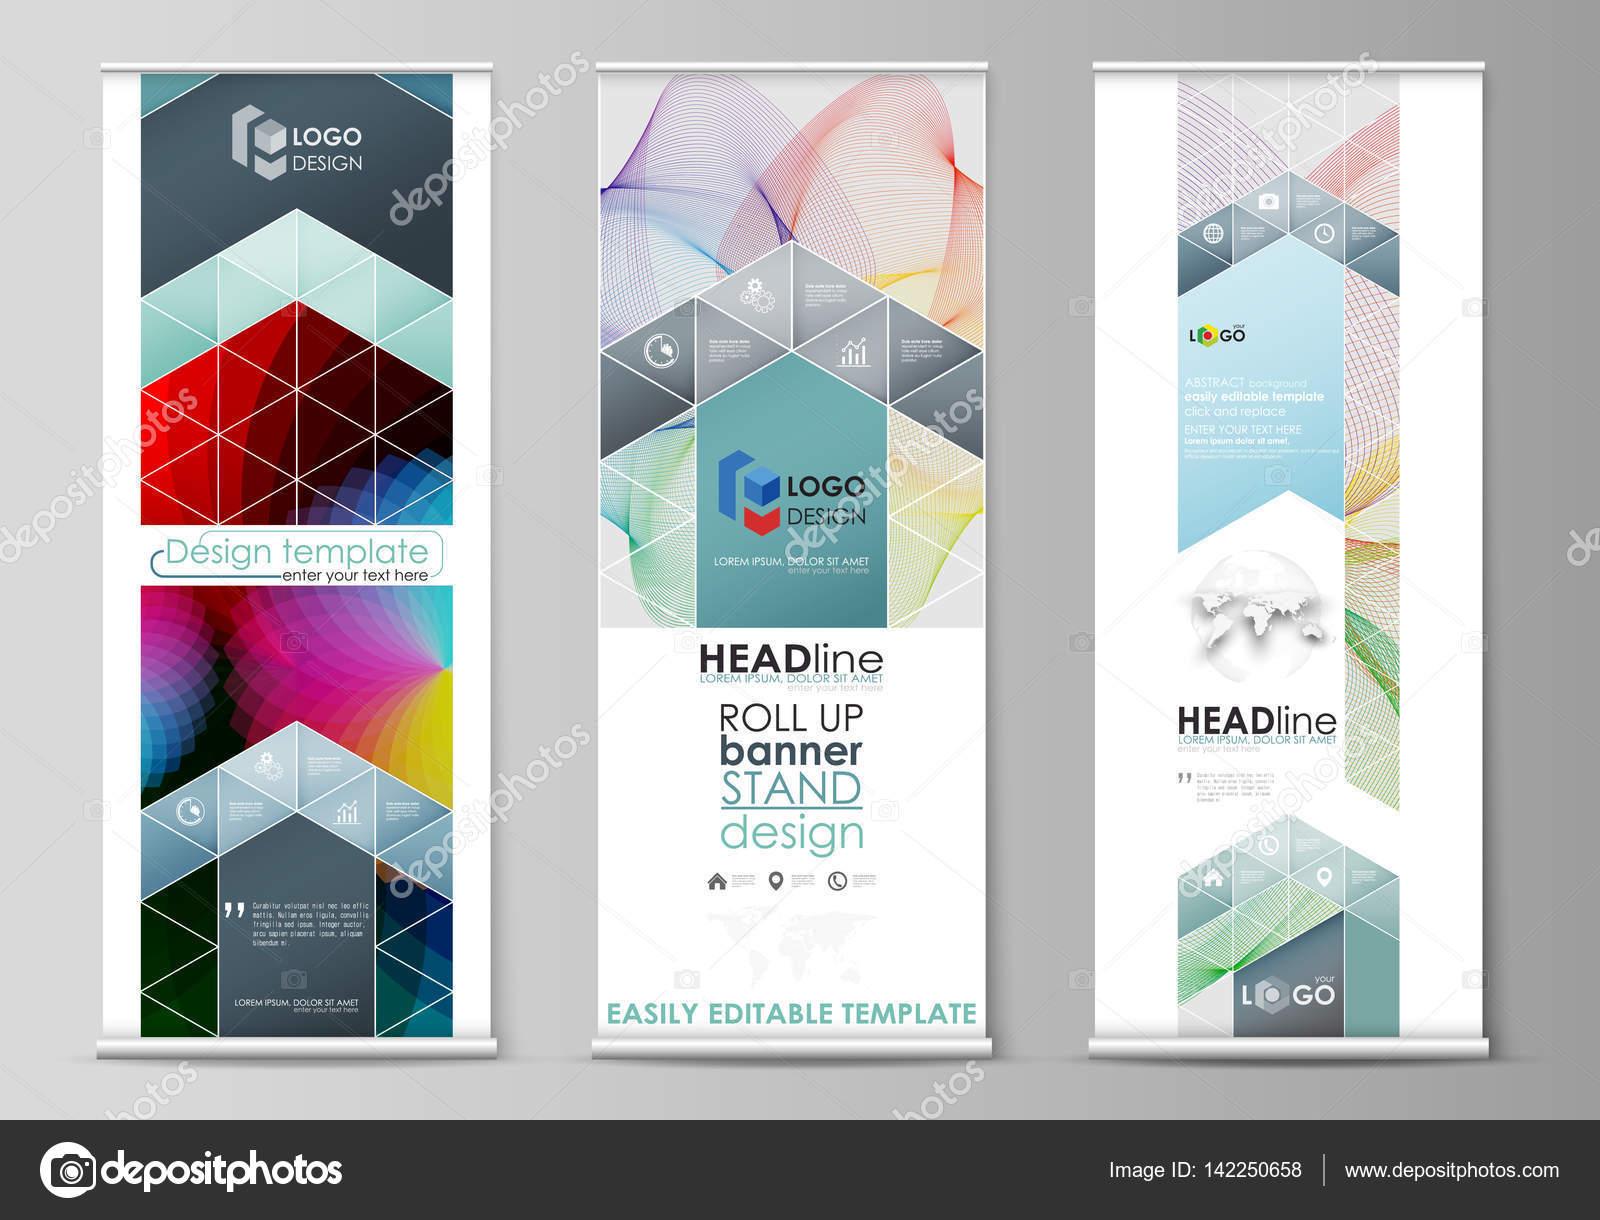 Roll-up Banner steht, flache Stilvorlagen, moderne Business-Konzept ...